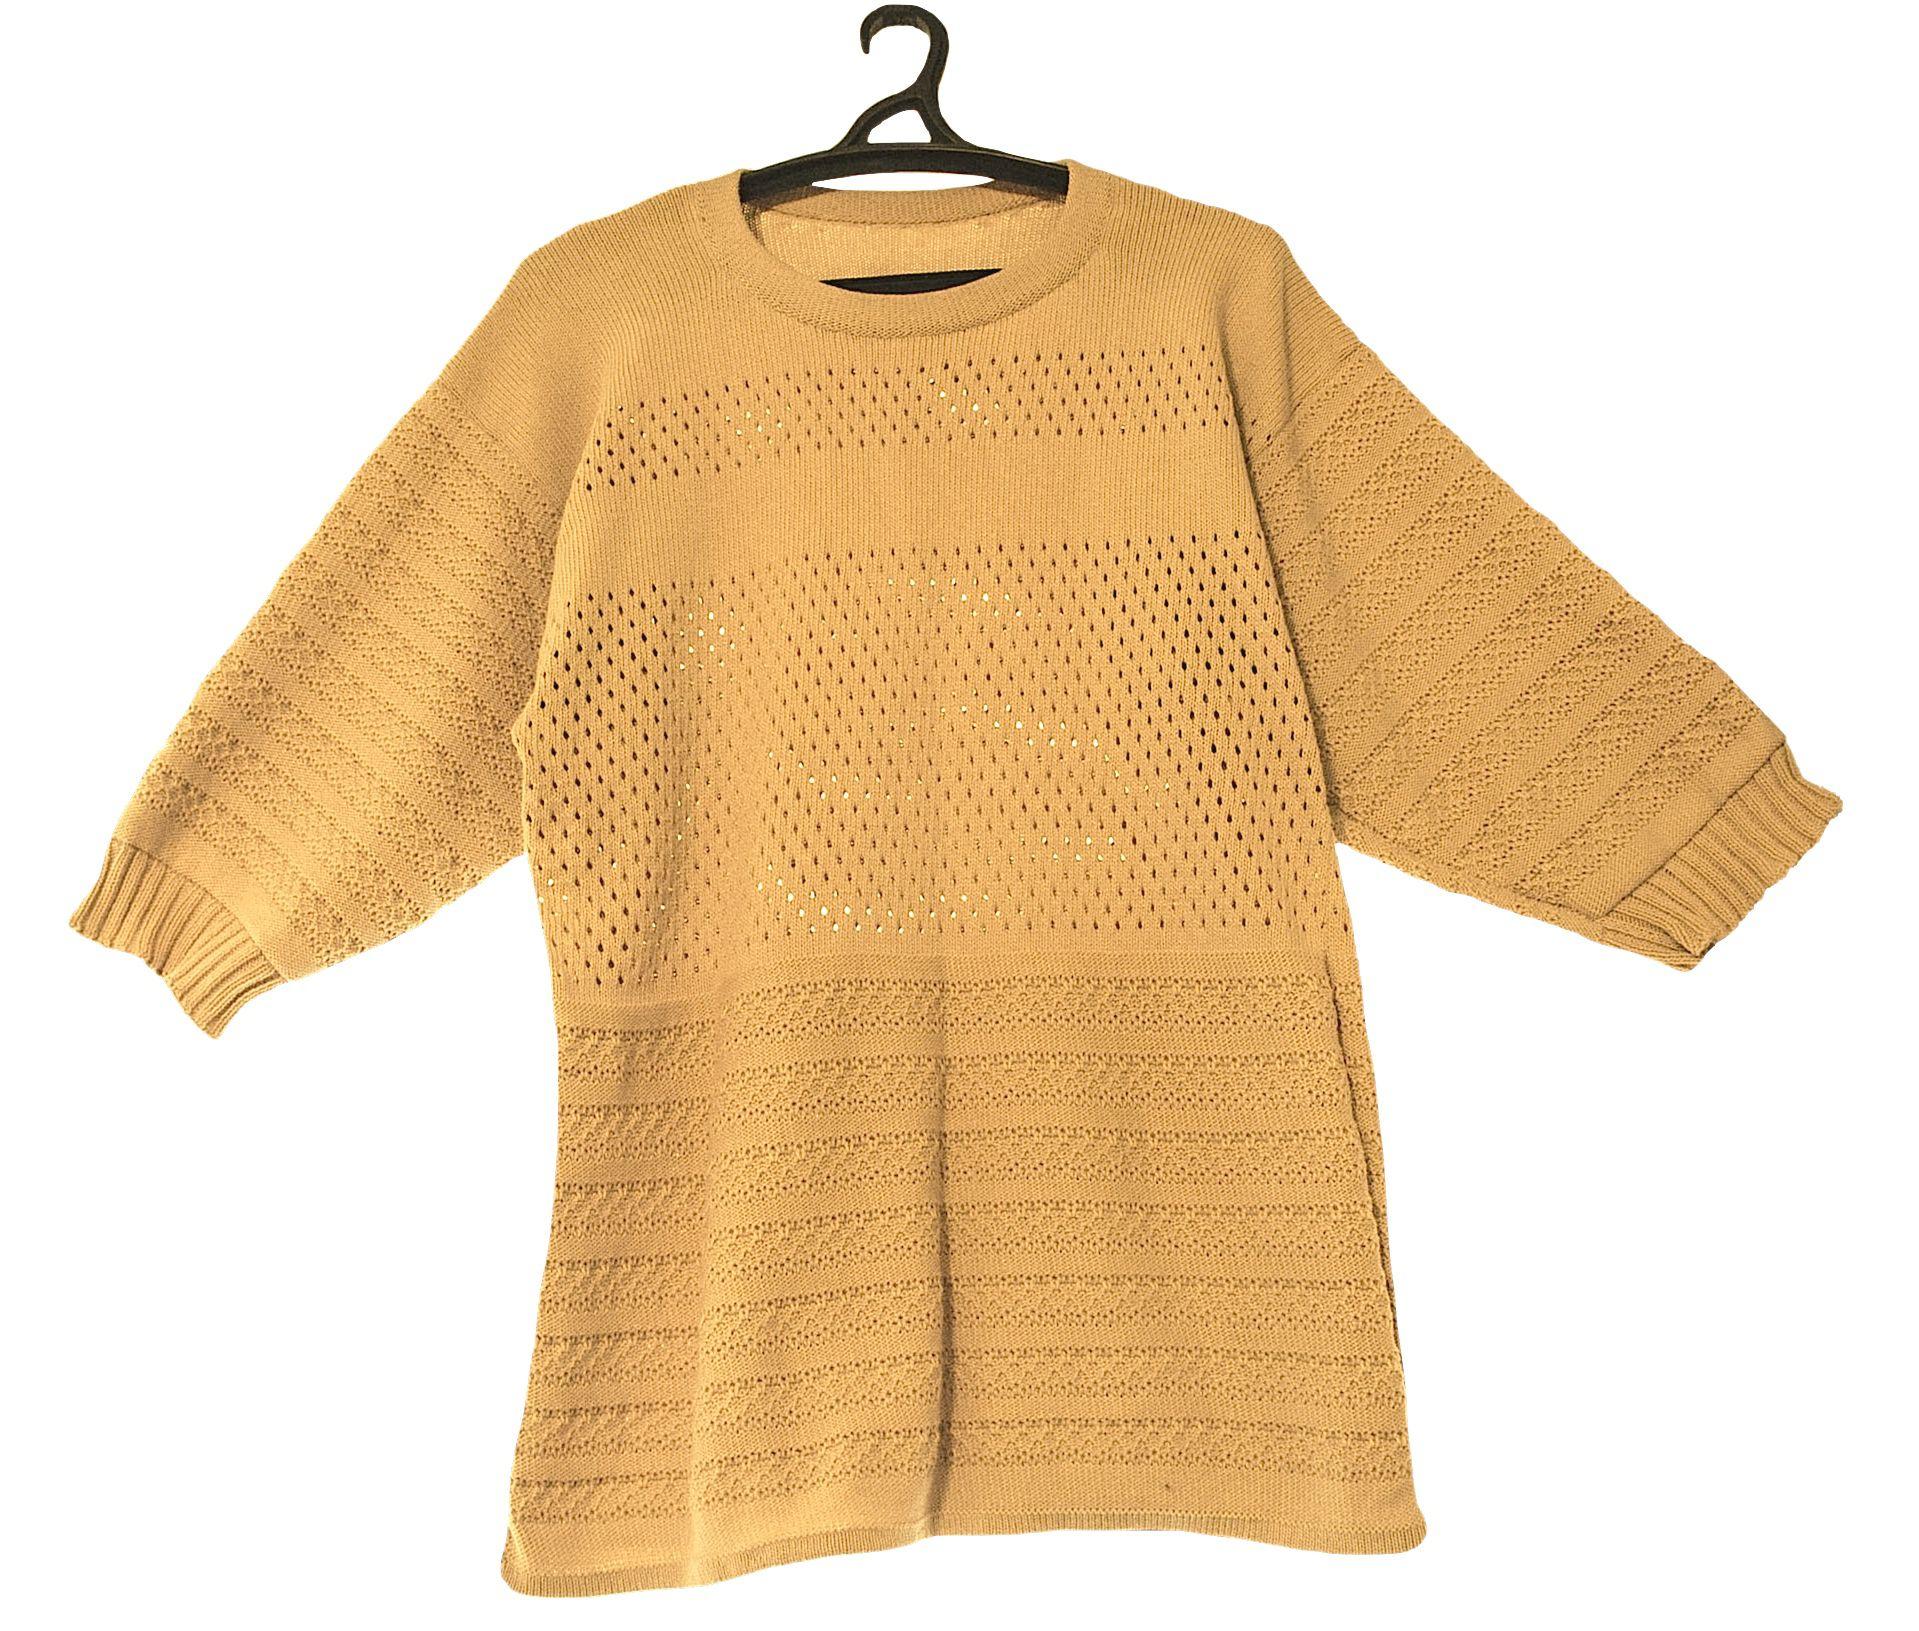 однотонный хлопка туника машинное вязаный вязание из на бежевый заказ мужской свитер